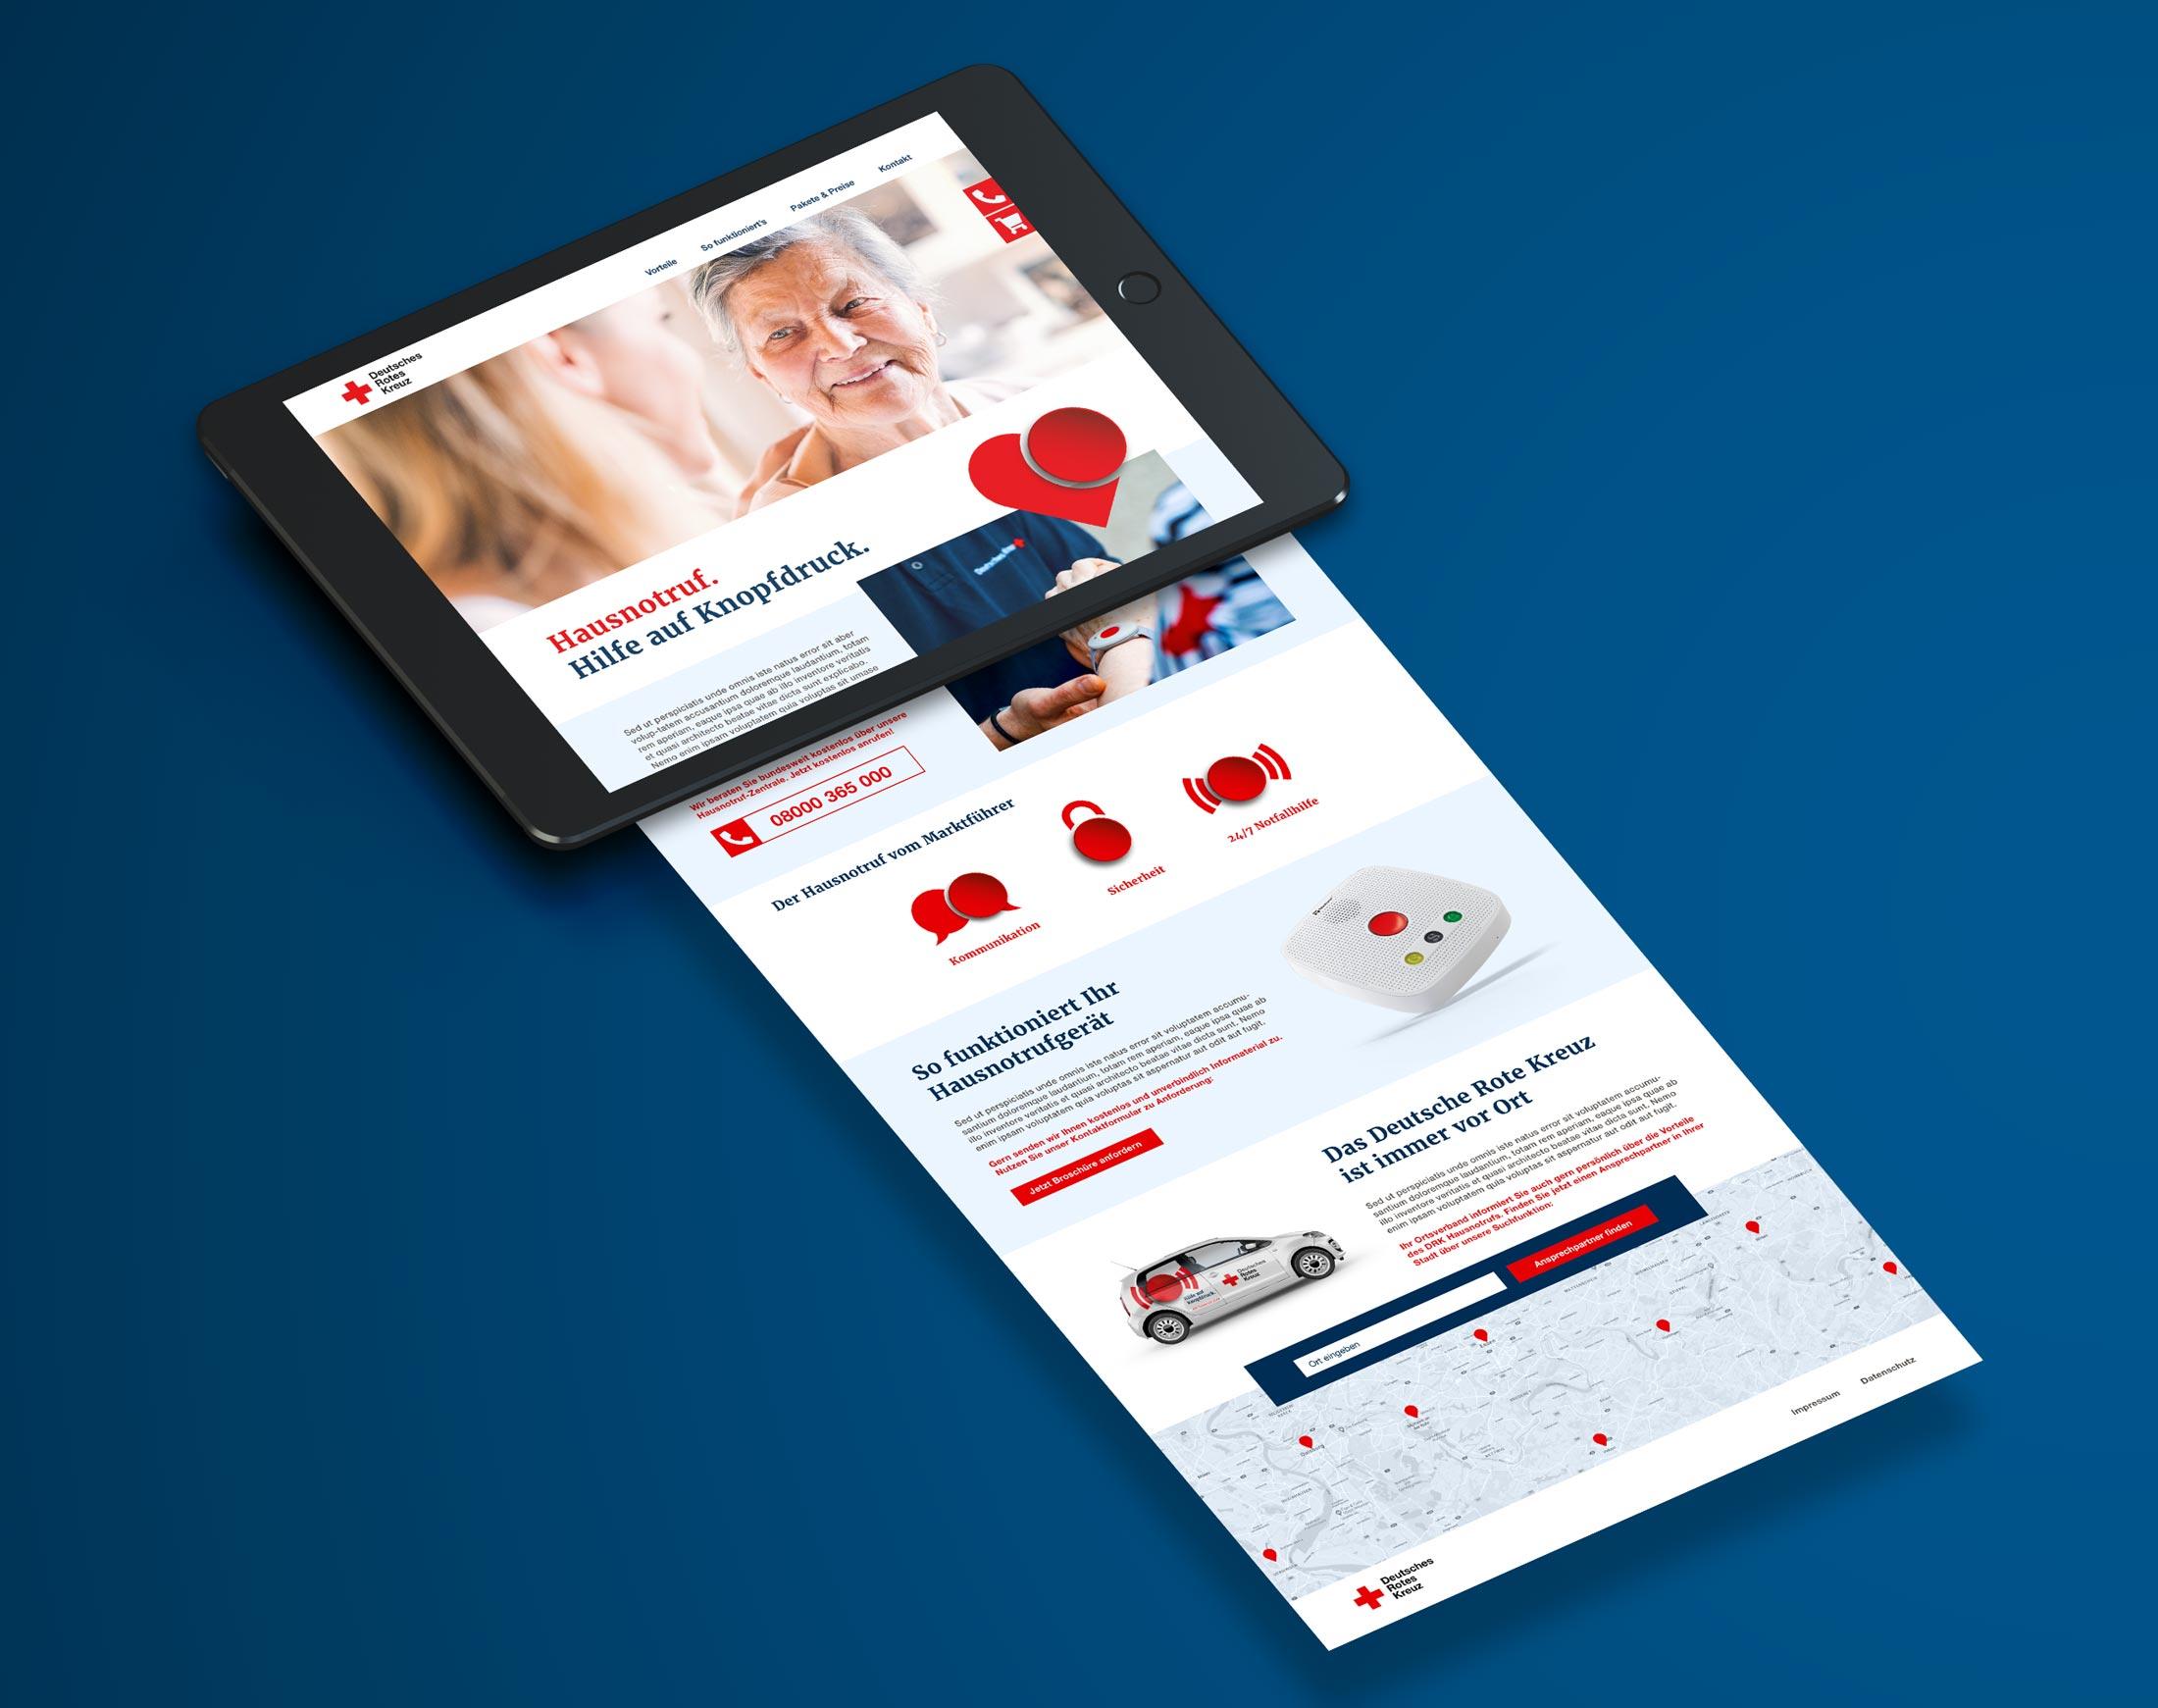 Neue Kampagnen-Website mit SEO-Optimierung